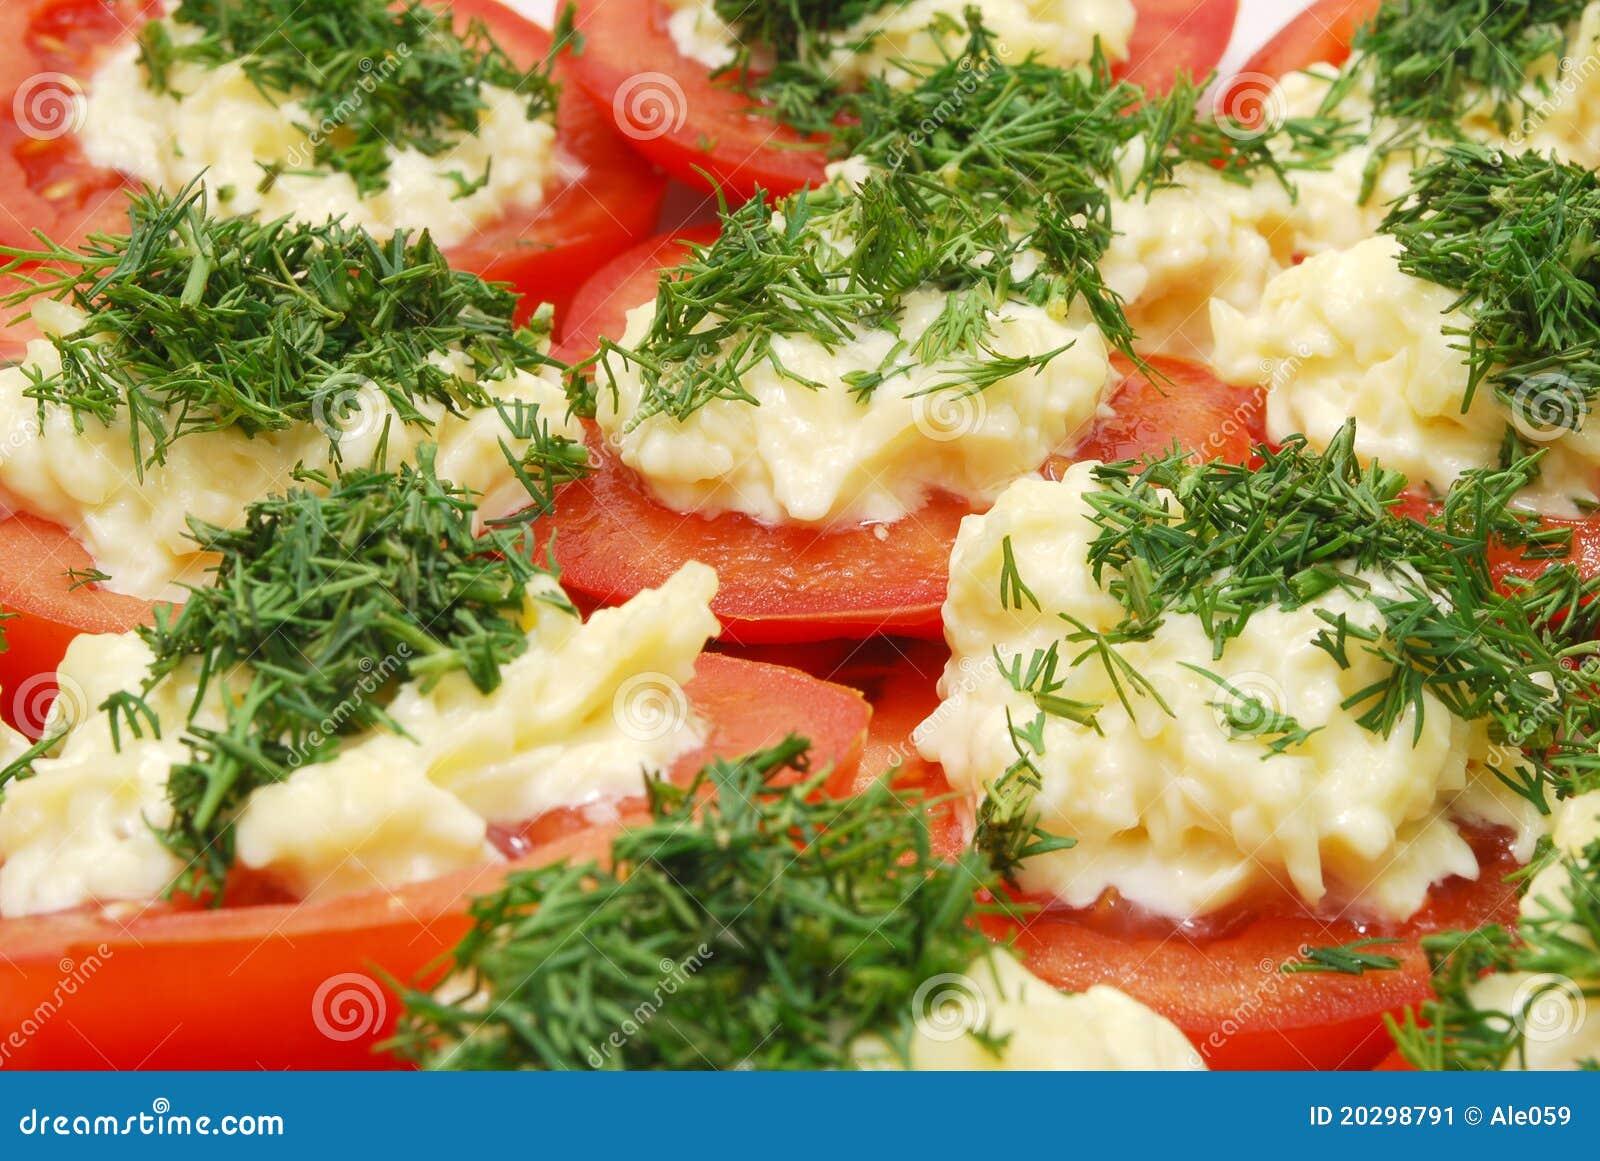 Pomodori con rafano e prezzemolo